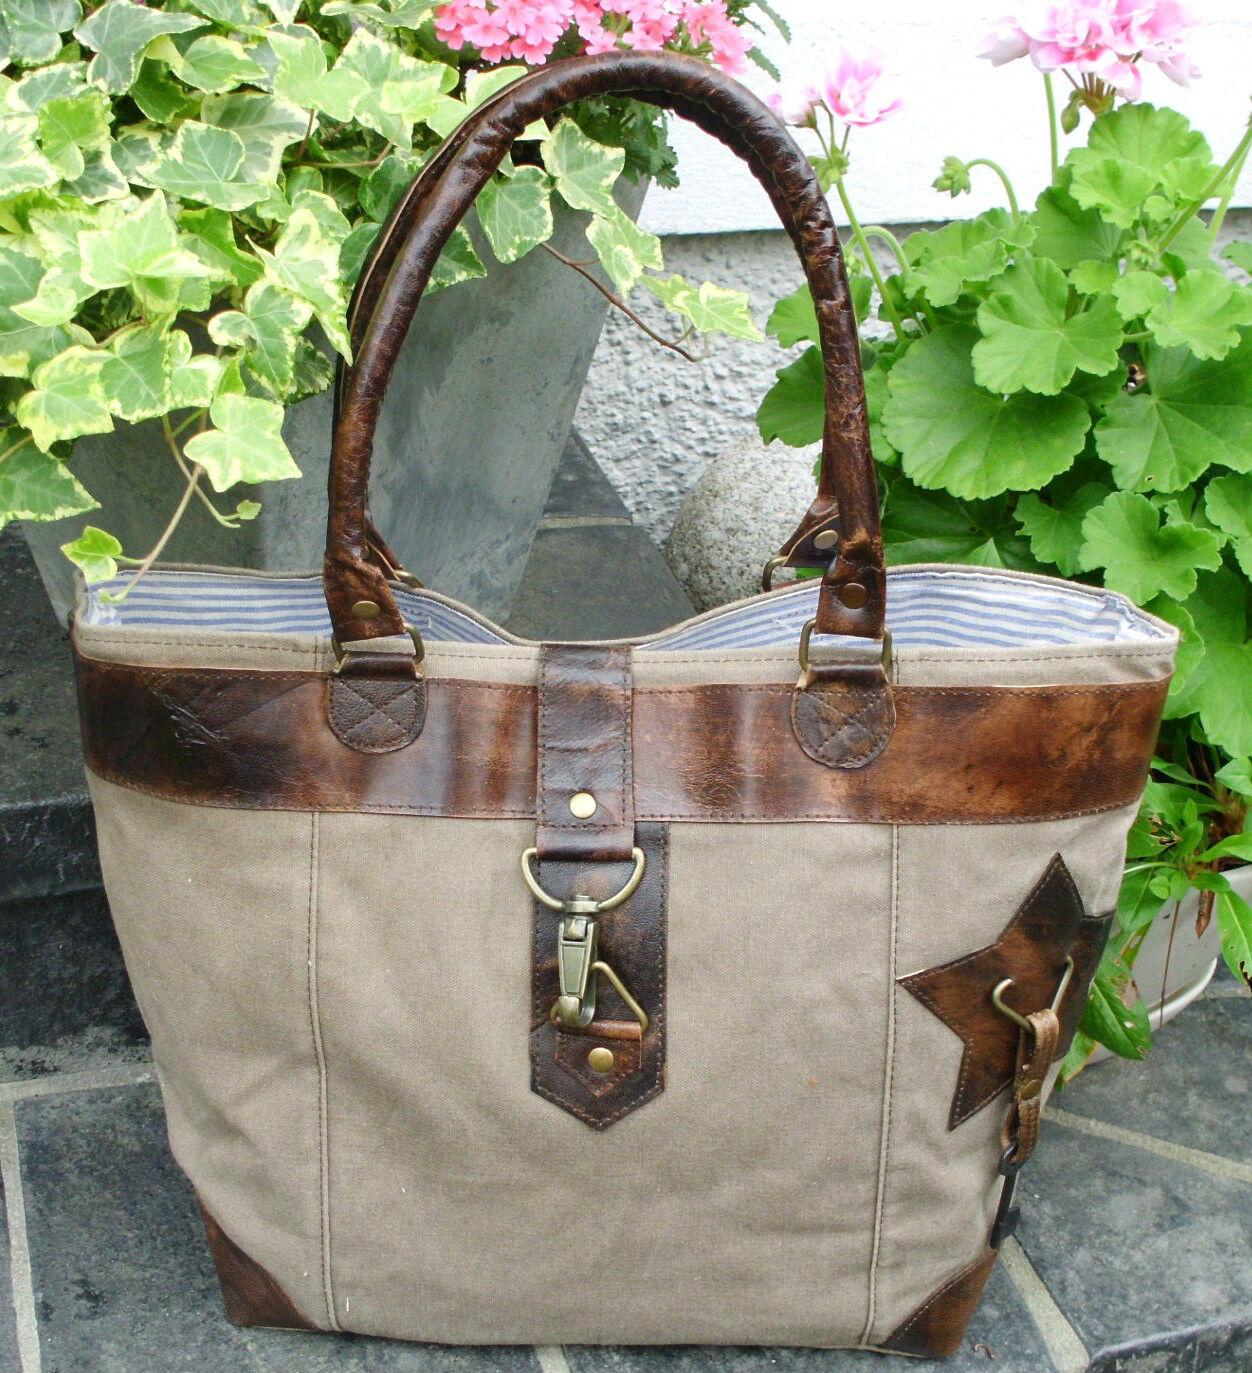 Vintage Shopper Canvas Leder Segeltuch Recycling Upcycling Tasche Tasche Tasche Strandtasche | Internationale Wahl  | Authentisch  29bf4b